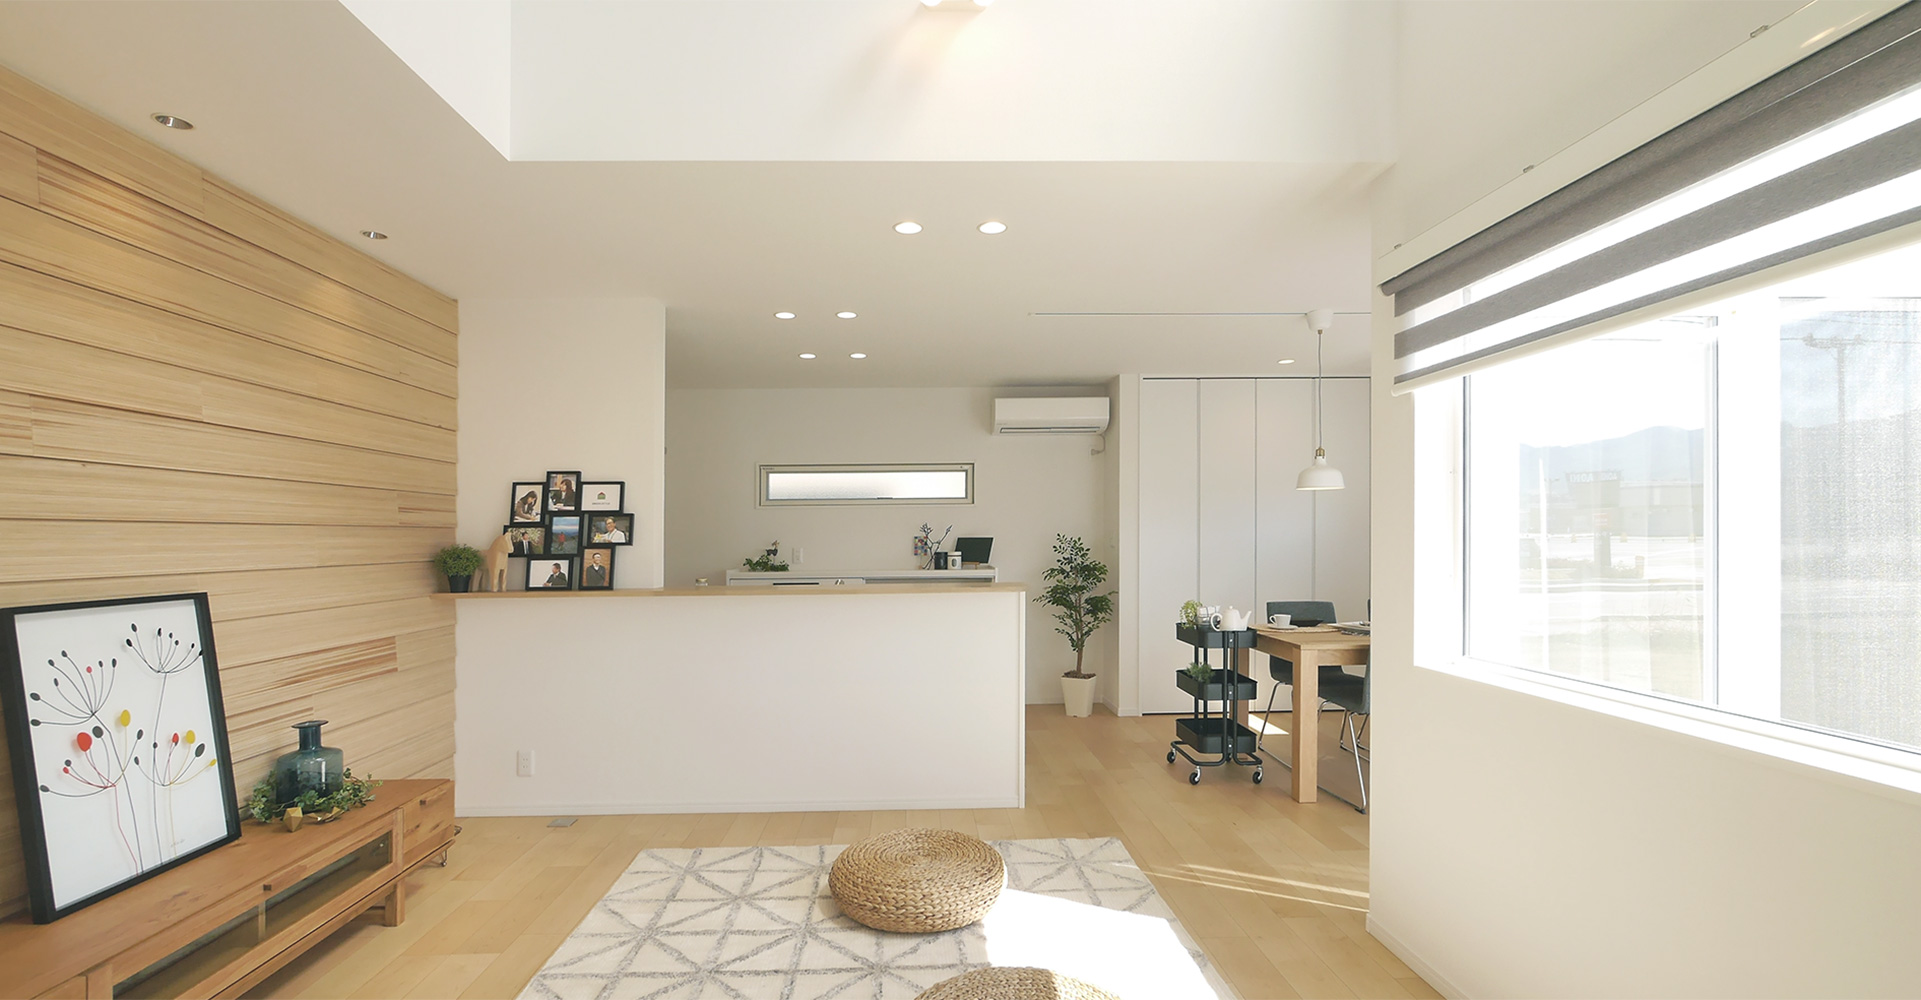 私のがんばらなくてもいい家。飾りつけをがんばらなくても、おしゃれなお家。壁とか、カーテンとか、照明、吹き抜け。自慢のお家。